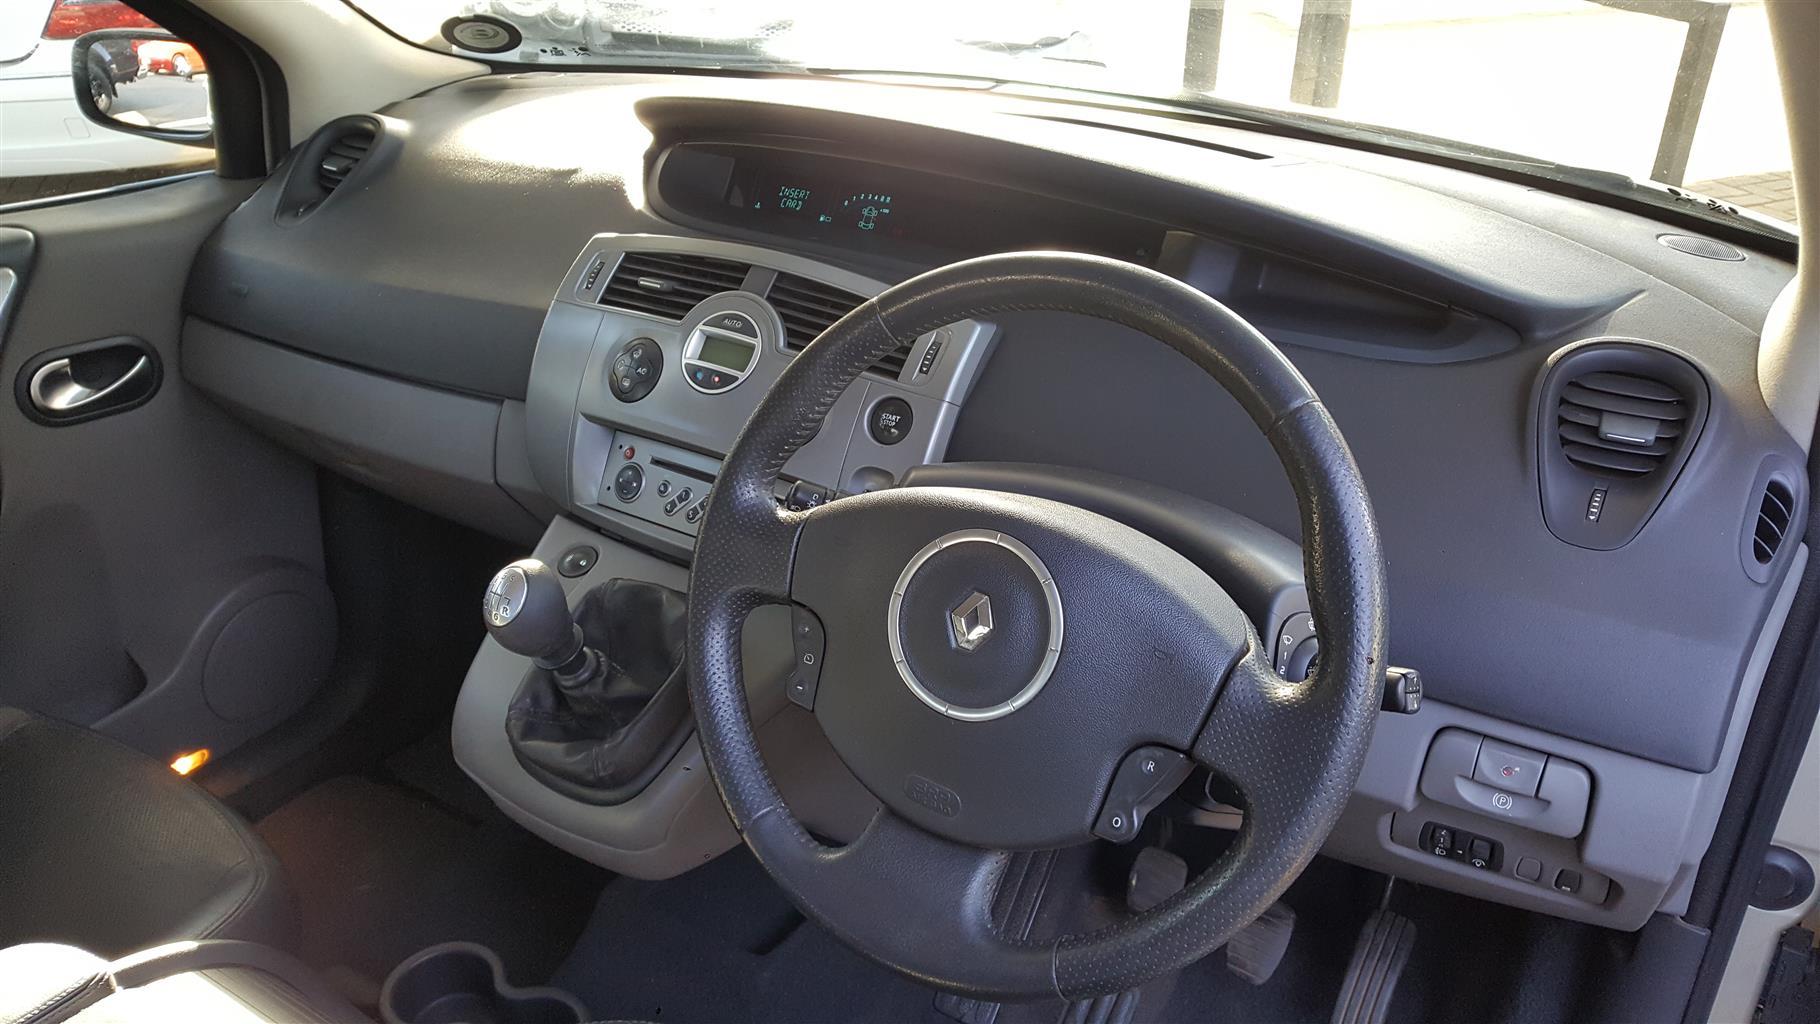 2007 Renault Scénic 1.9dCi Dynamique Plus